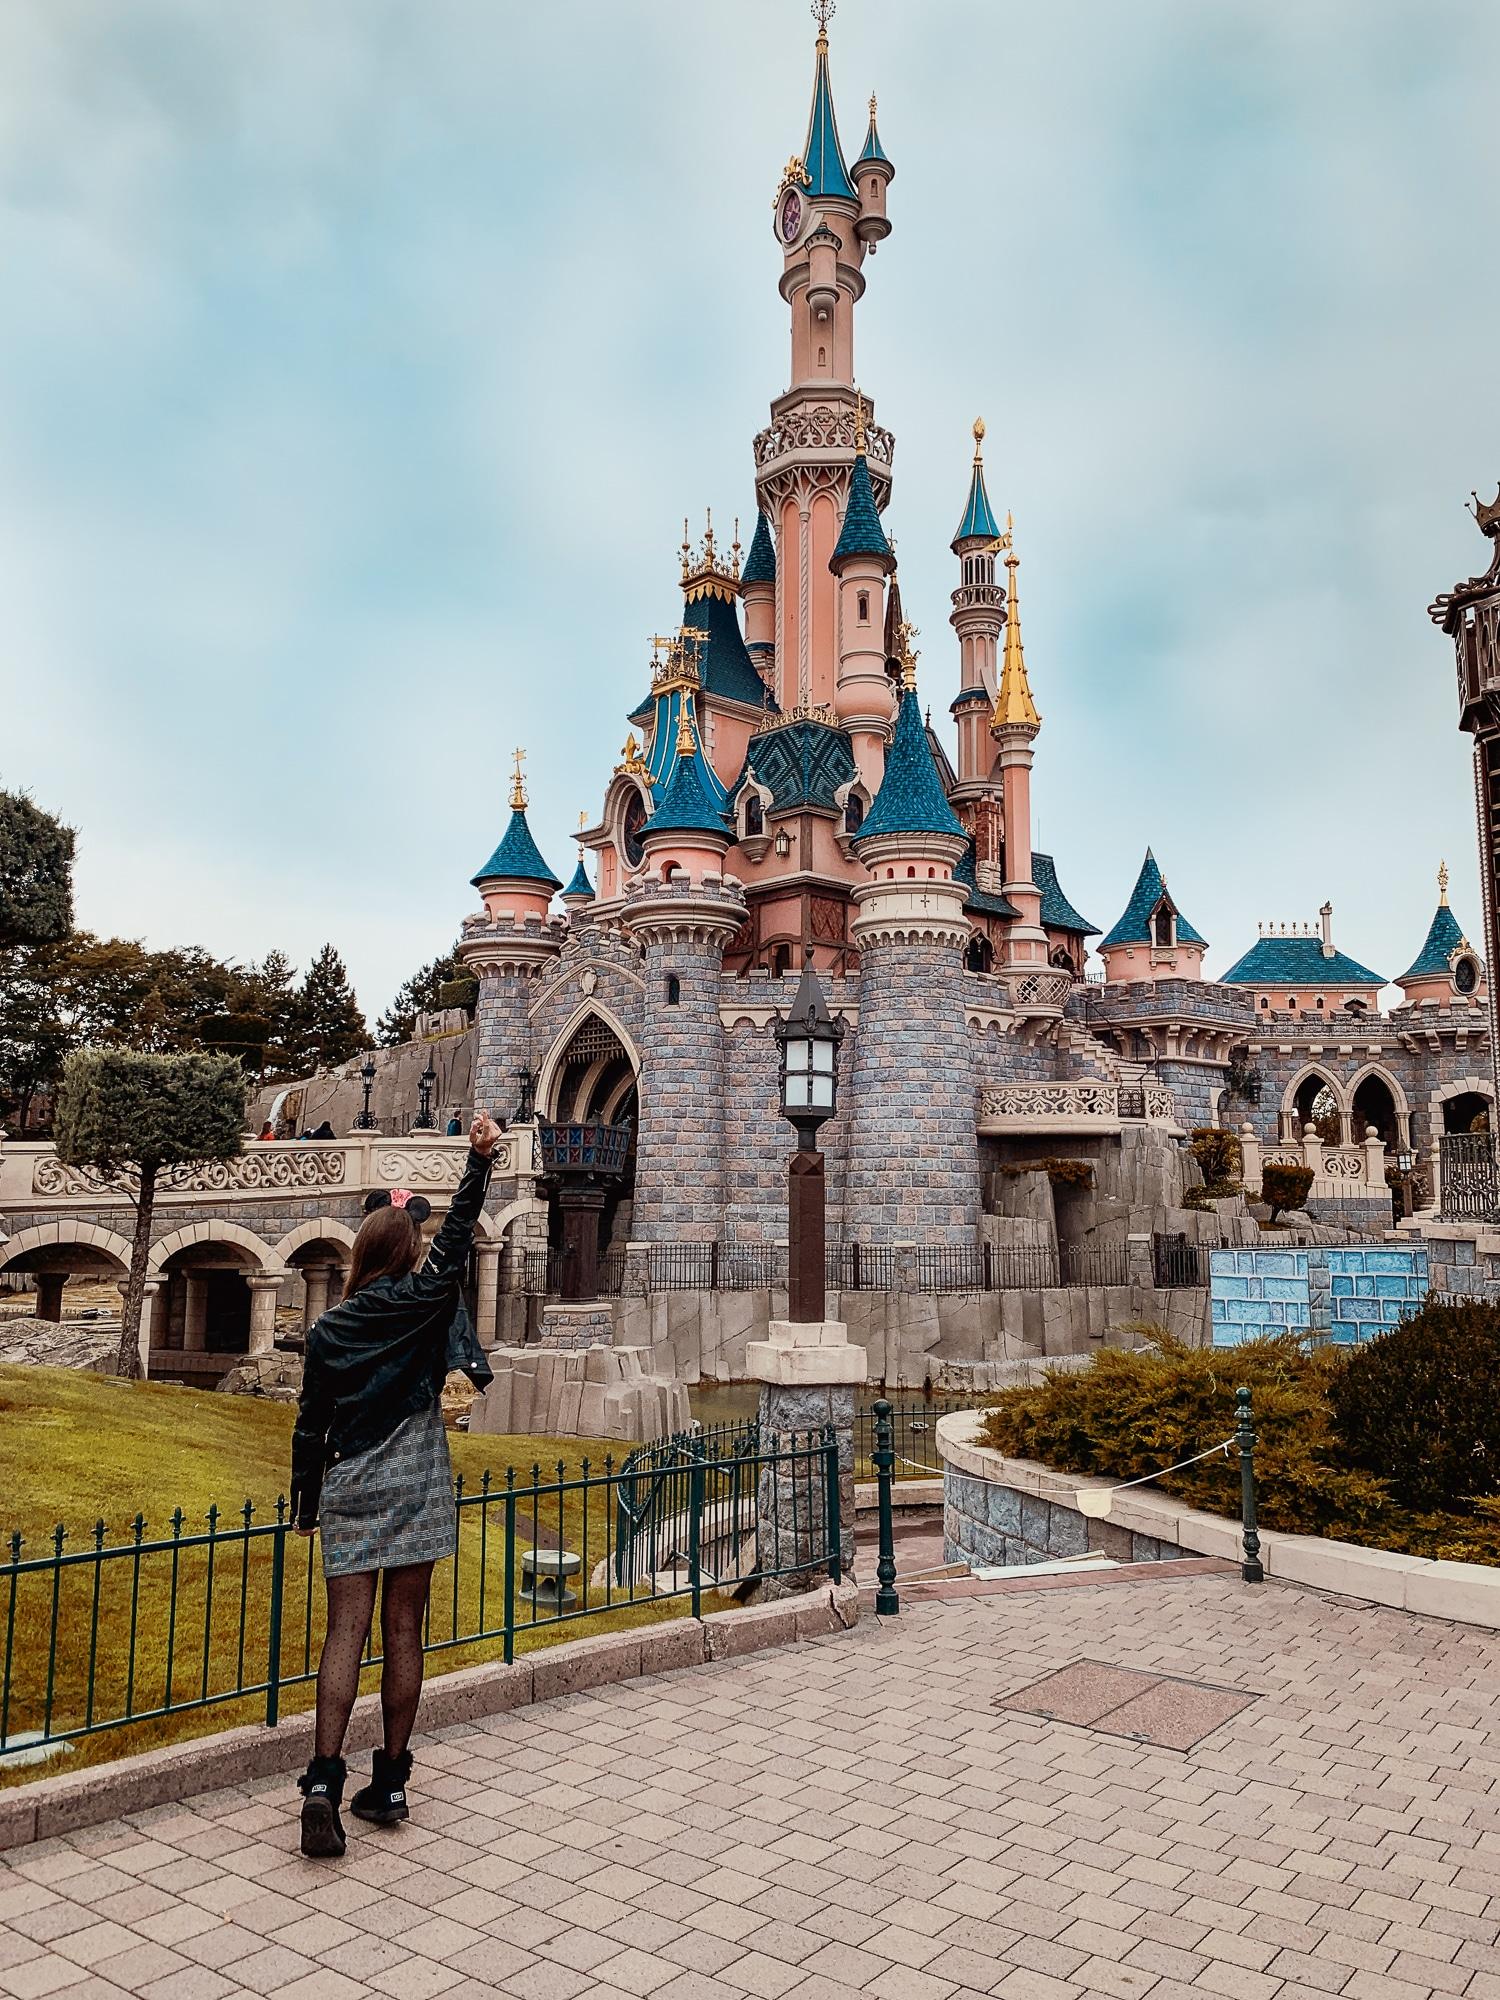 Schönste Fotospots in Paris - und meine liebsten Instagram Hotspots - Disneyland Paris